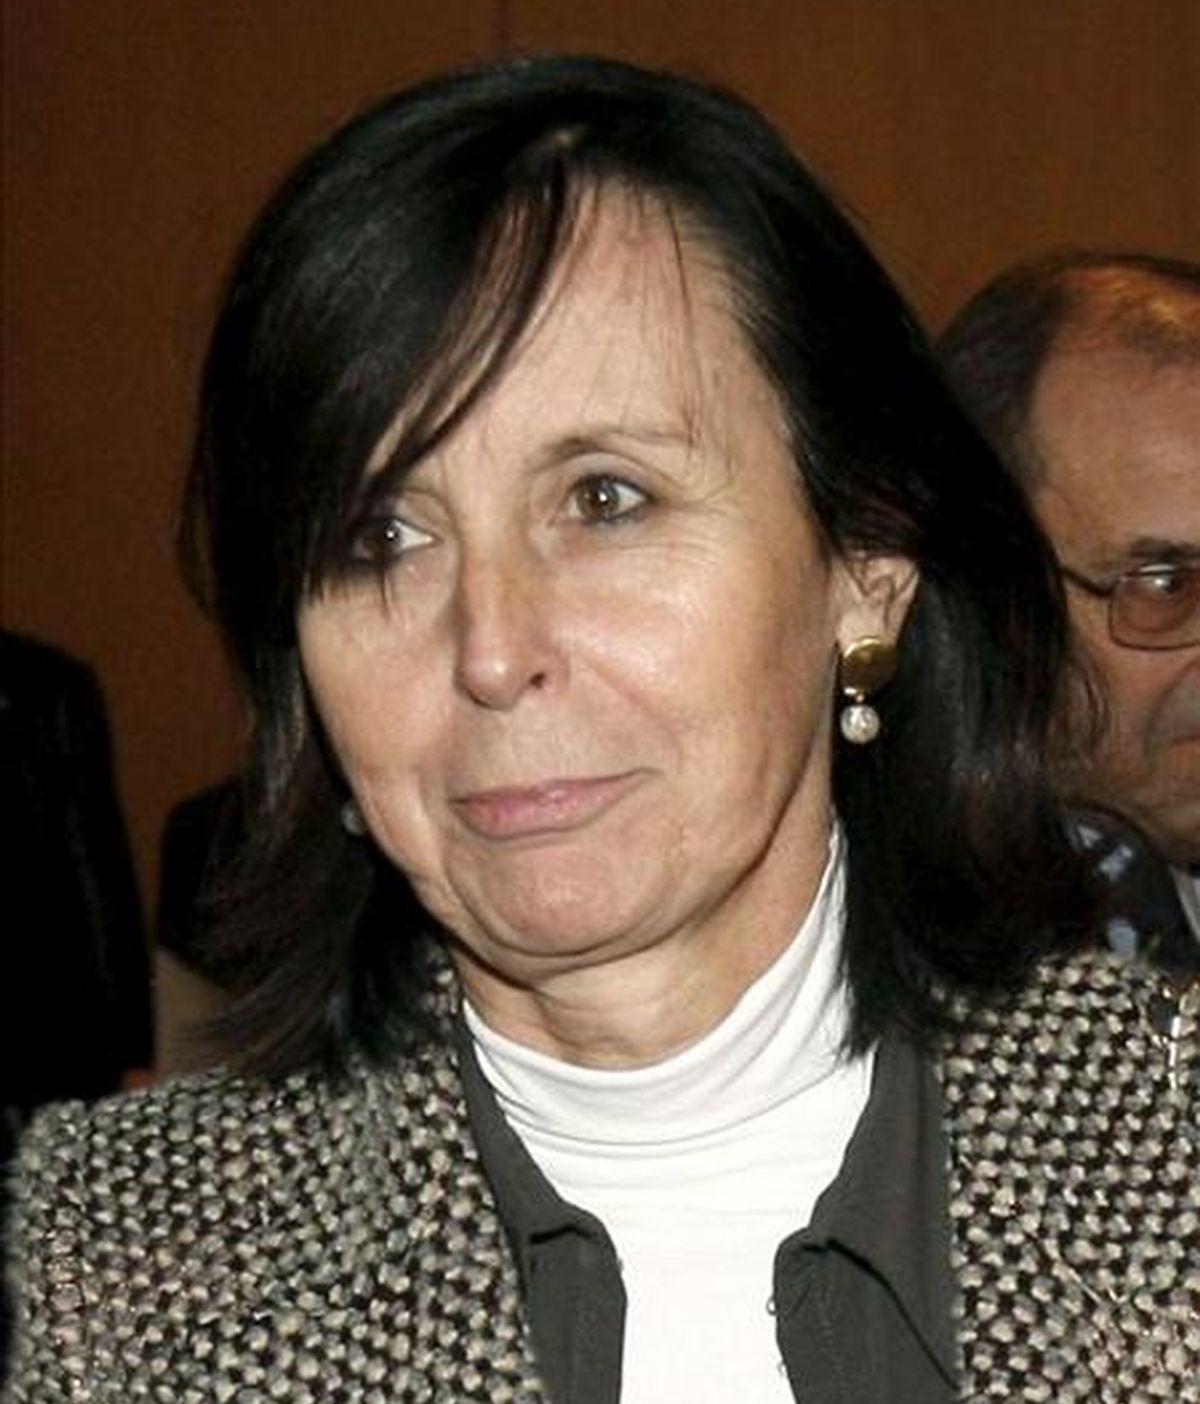 La presidenta del Tribunal Constitucional, María Emilia Casas. EFE/Archivo